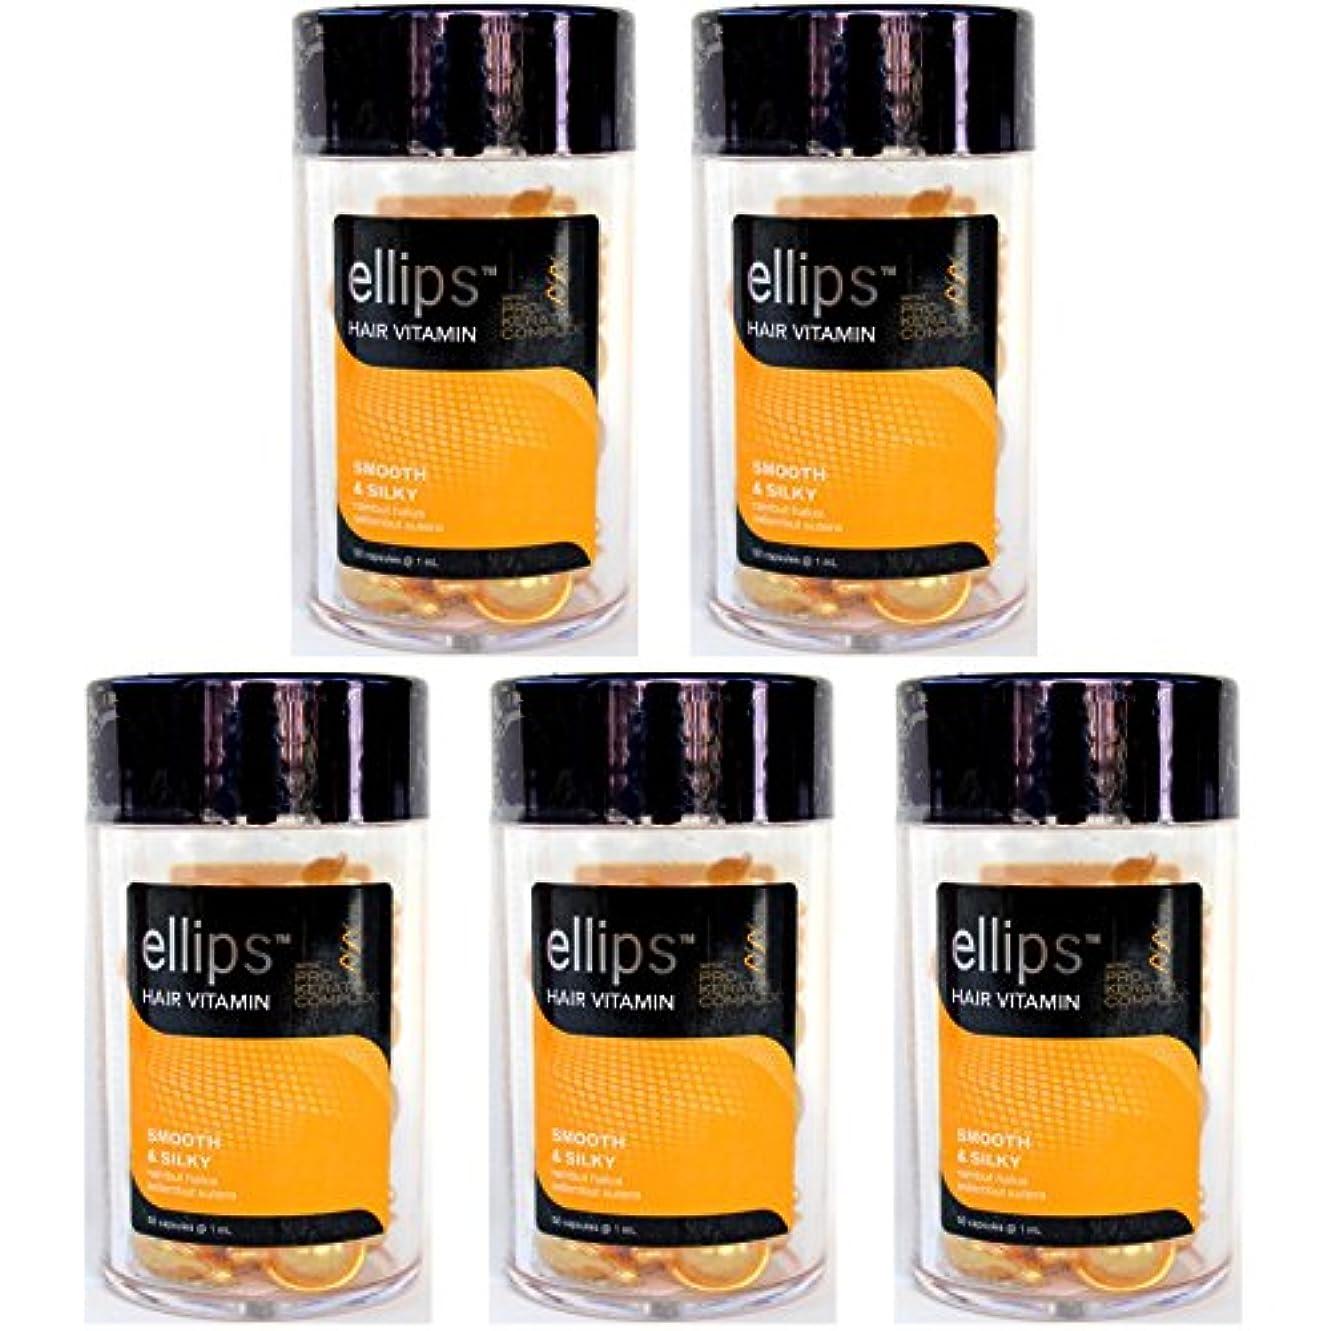 奪うモトリー天皇ellips エリプス Hair Vitamin ヘア ビタミン Pro-Keratin Complex プロケラチン配合 SMOOTH & SILKY イエロー ボトル(50粒入) × 5本 セット [並行輸入品][海外直送品]